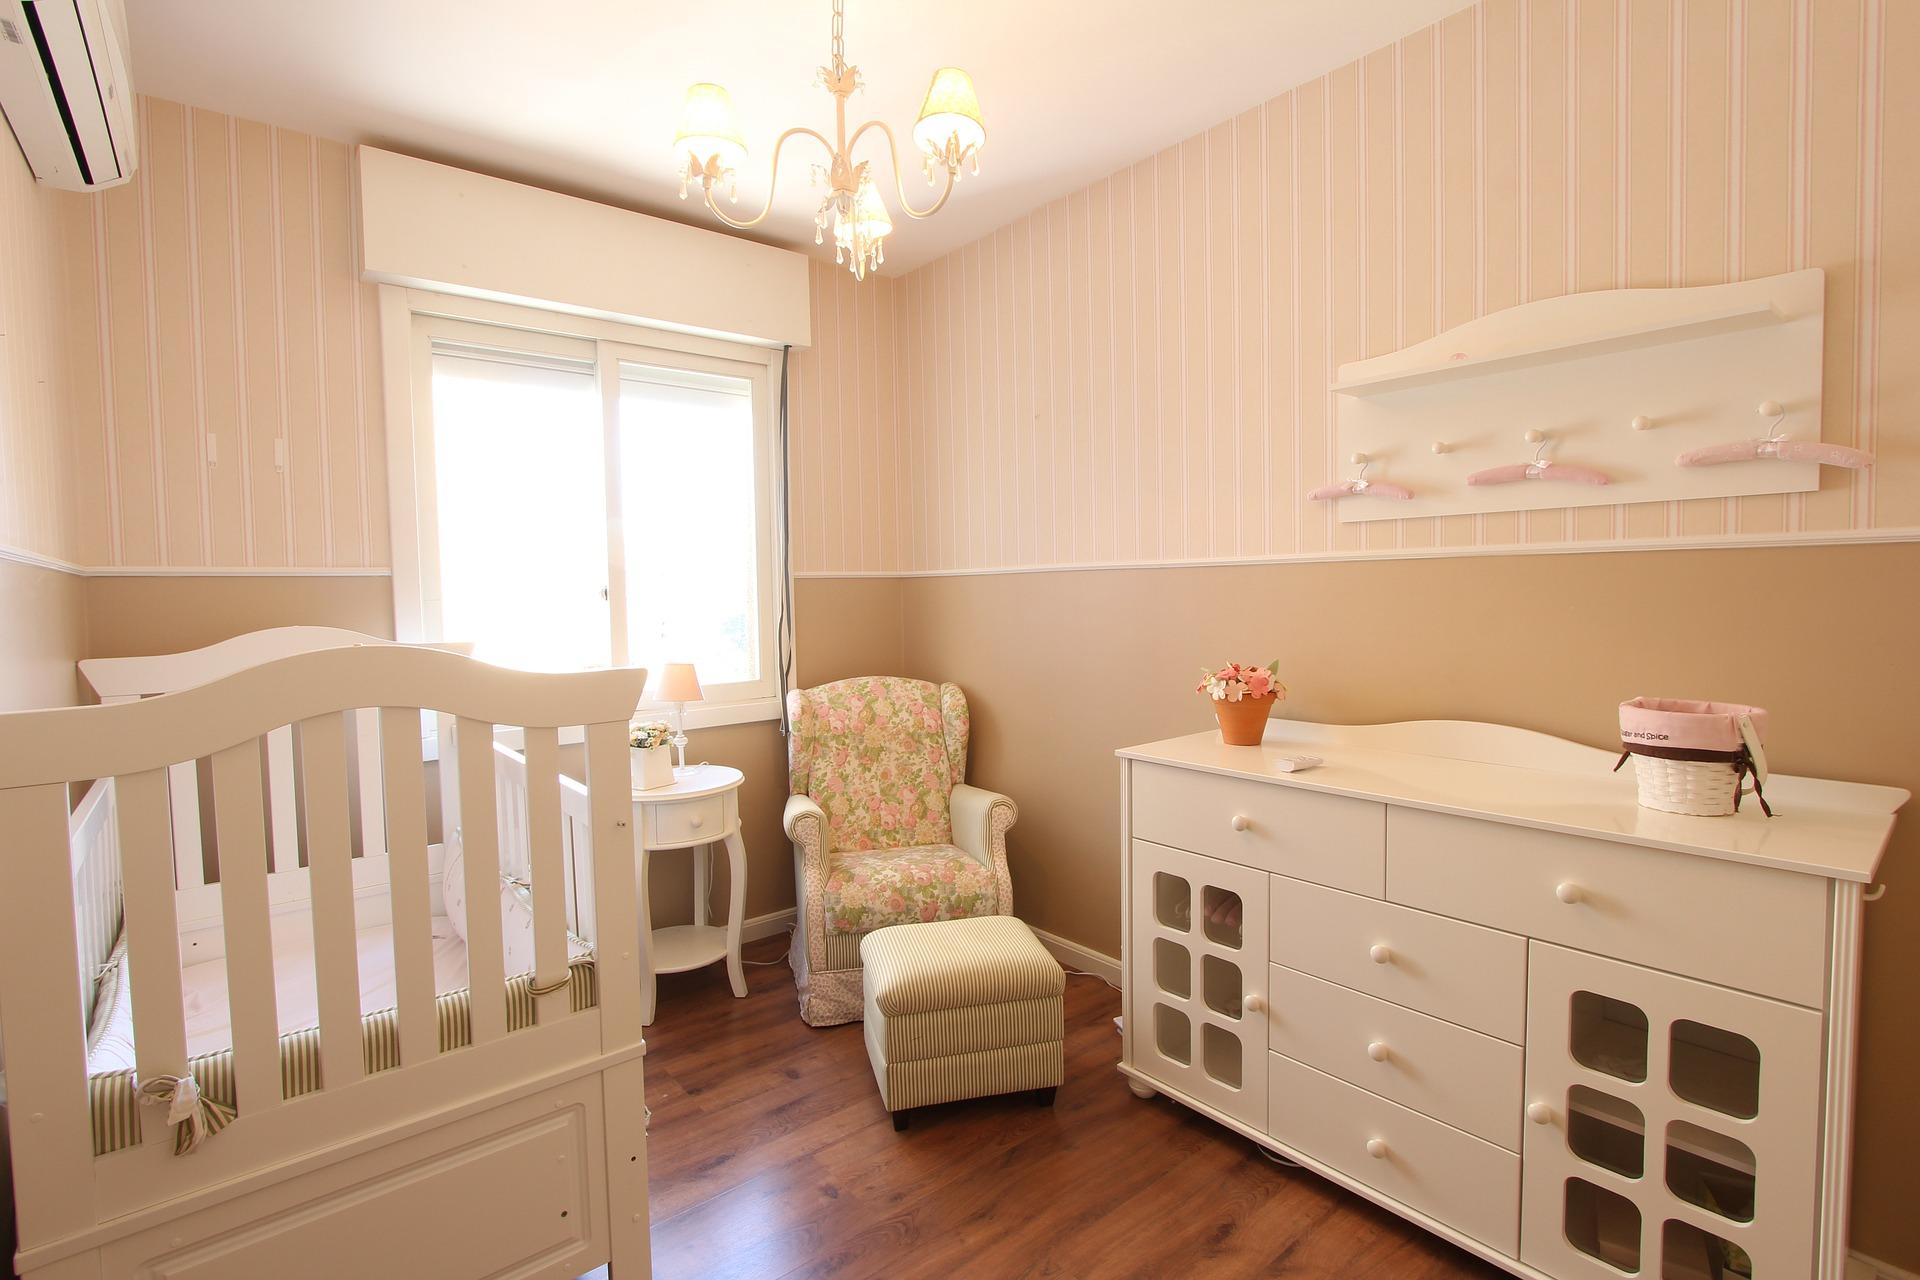 Pokój dziecka - podłoga